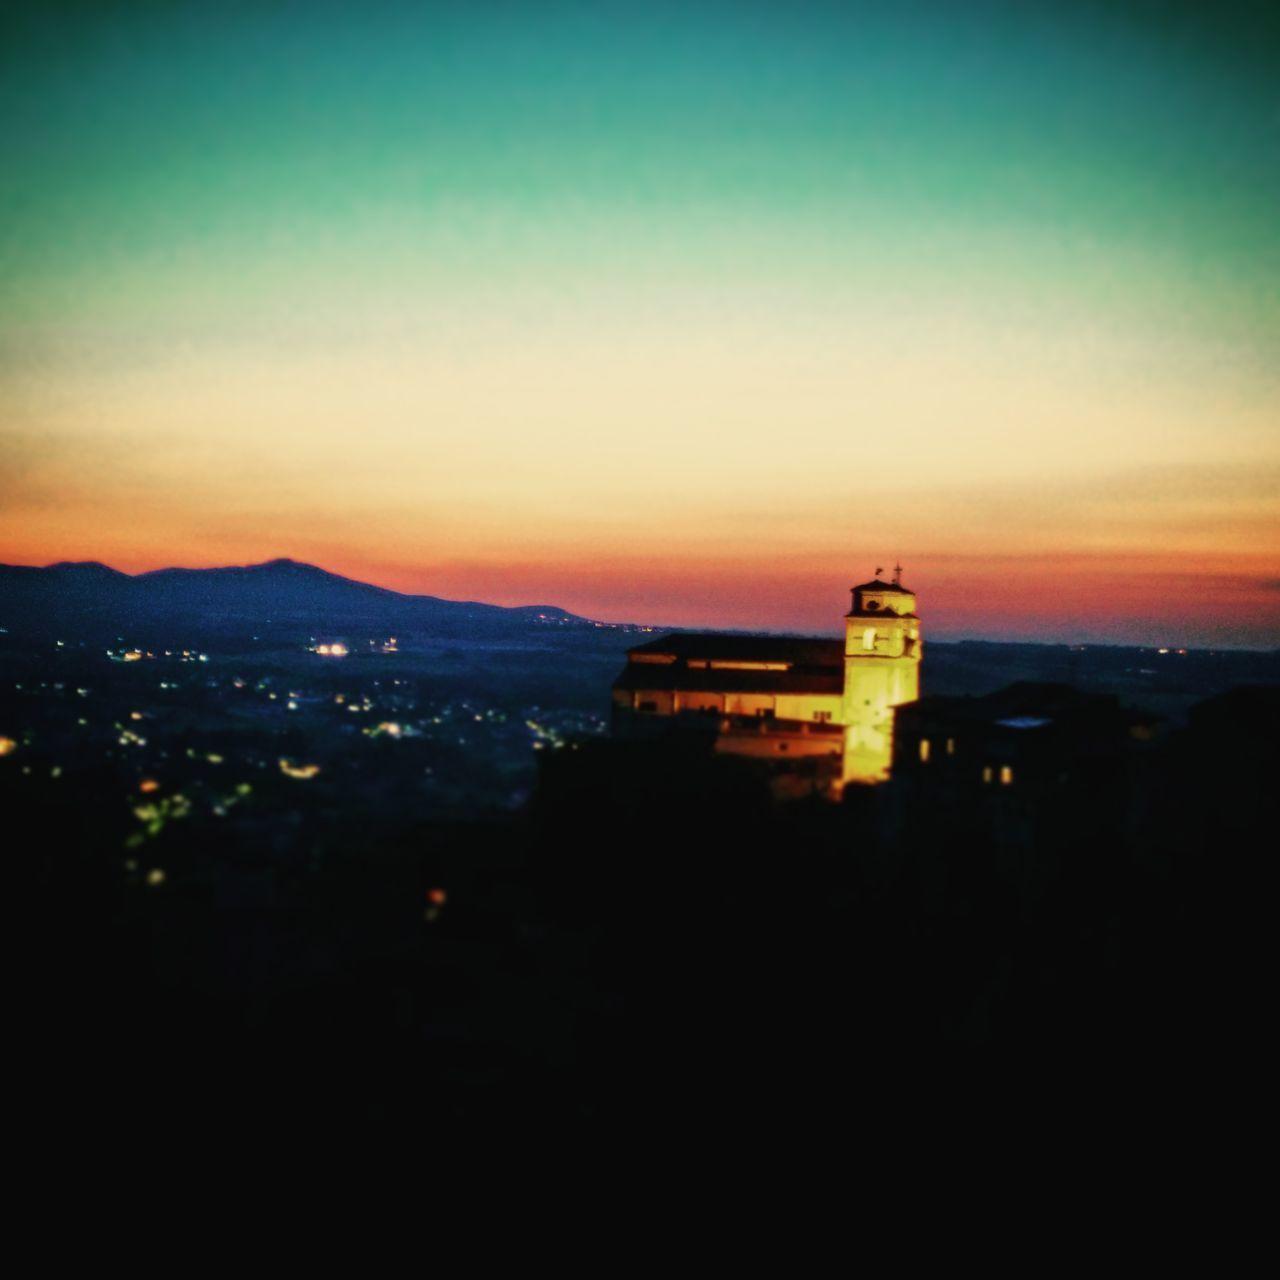 Building Exterior Travel Destinations Church At Night  Artena Sunset Sunset Church Church Sunset Cityscape Silhouette Sunset City Hill Sunset Landscape Scenics No People Redskyatnight RedSky Redsunset City Lighthouse